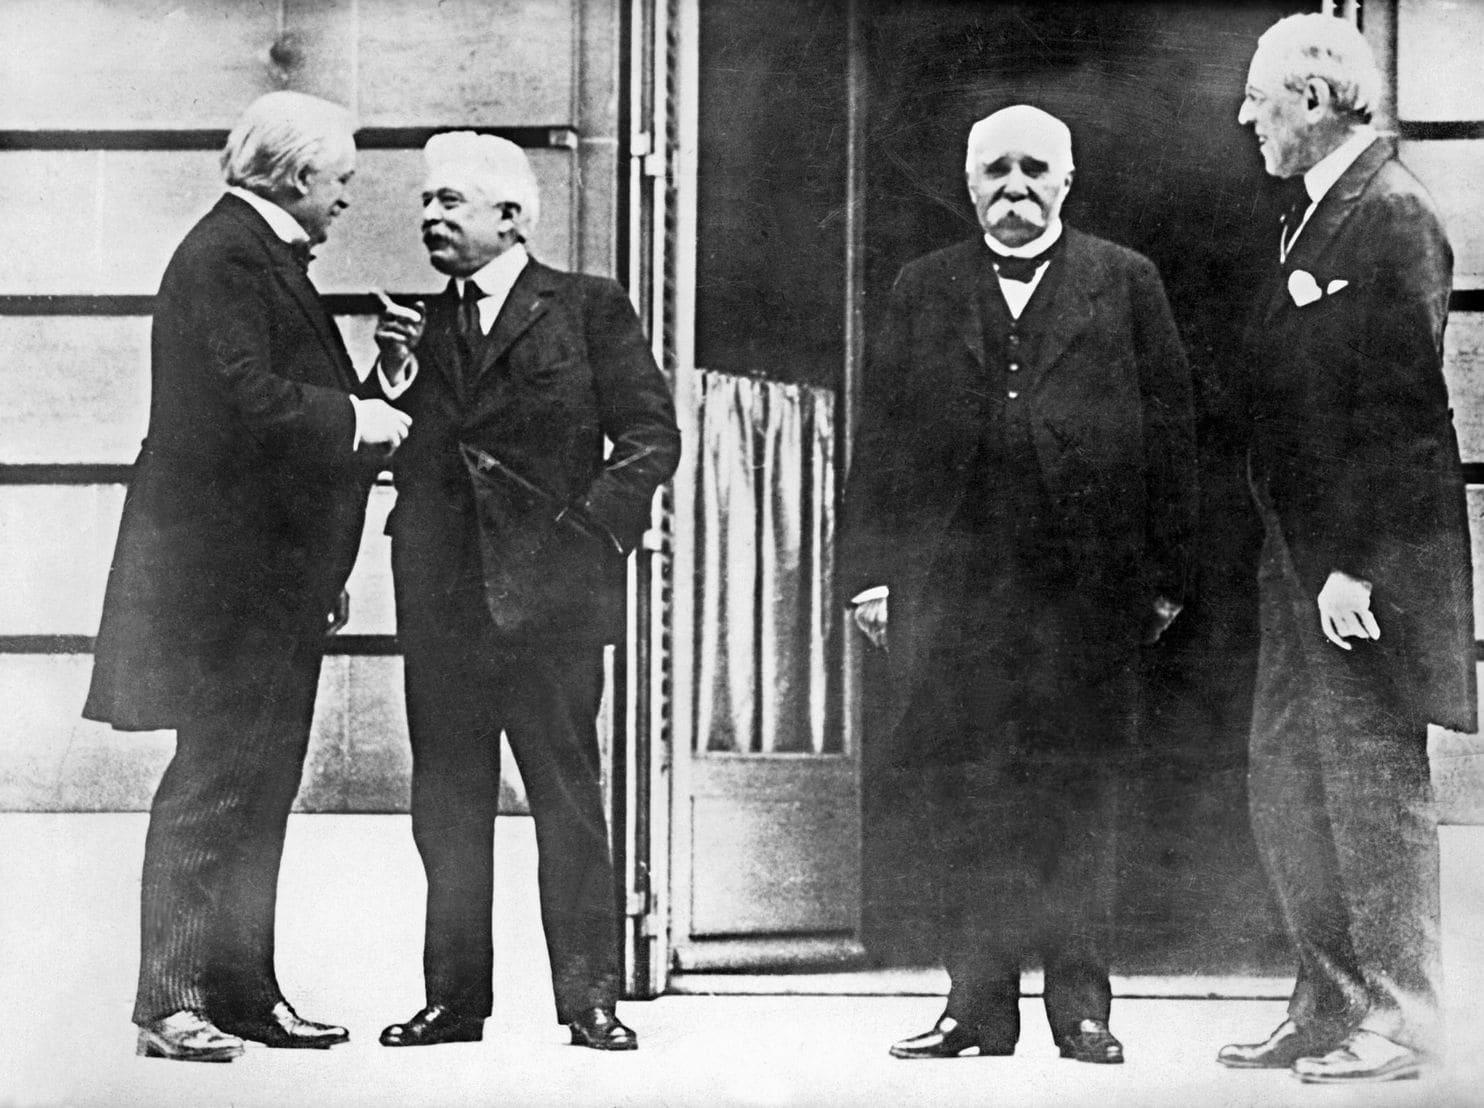 Tratado de Versalhes e a Liga das Nações